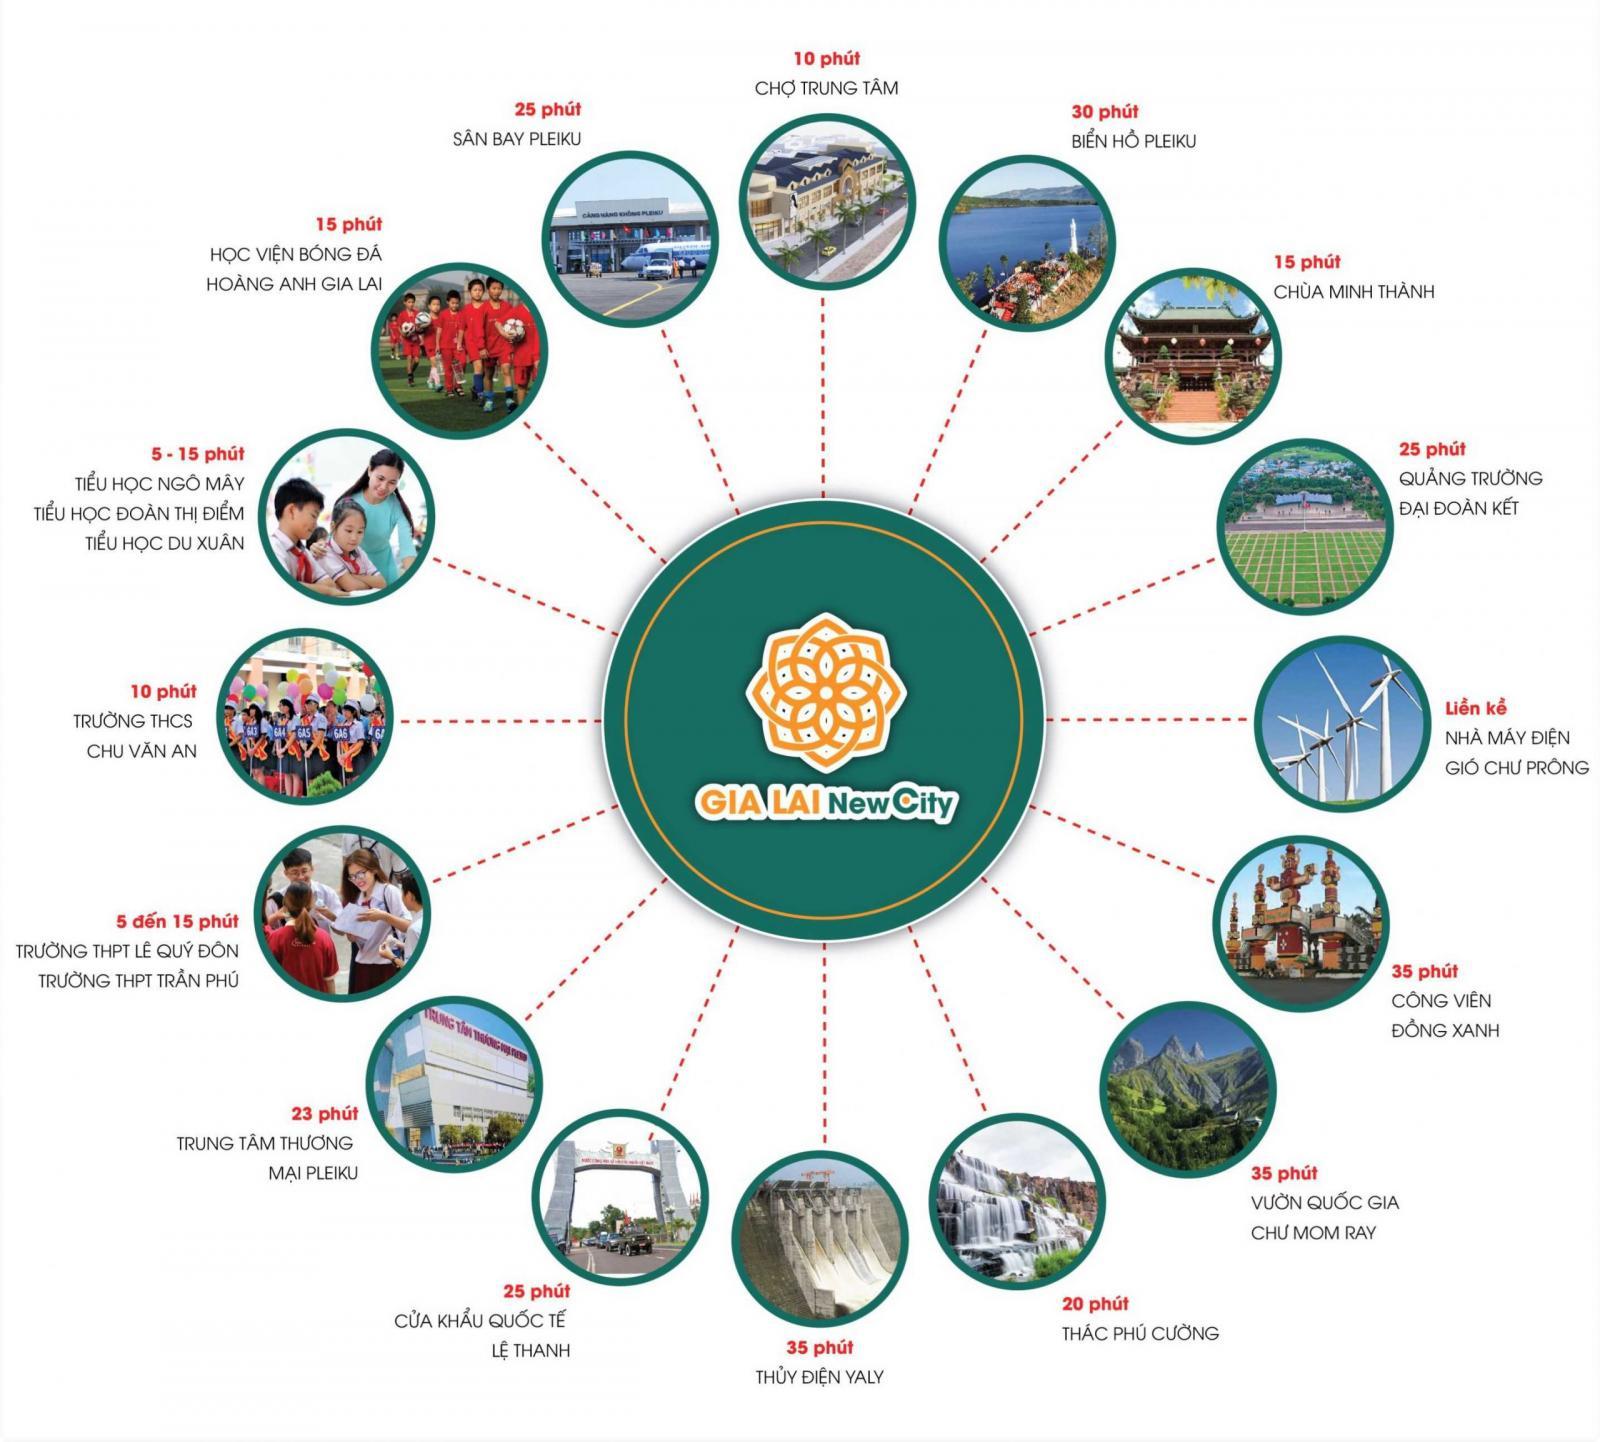 Sơ đồ mô tả kết nối tiện ích ngoại khu dự án Gia Lai New City